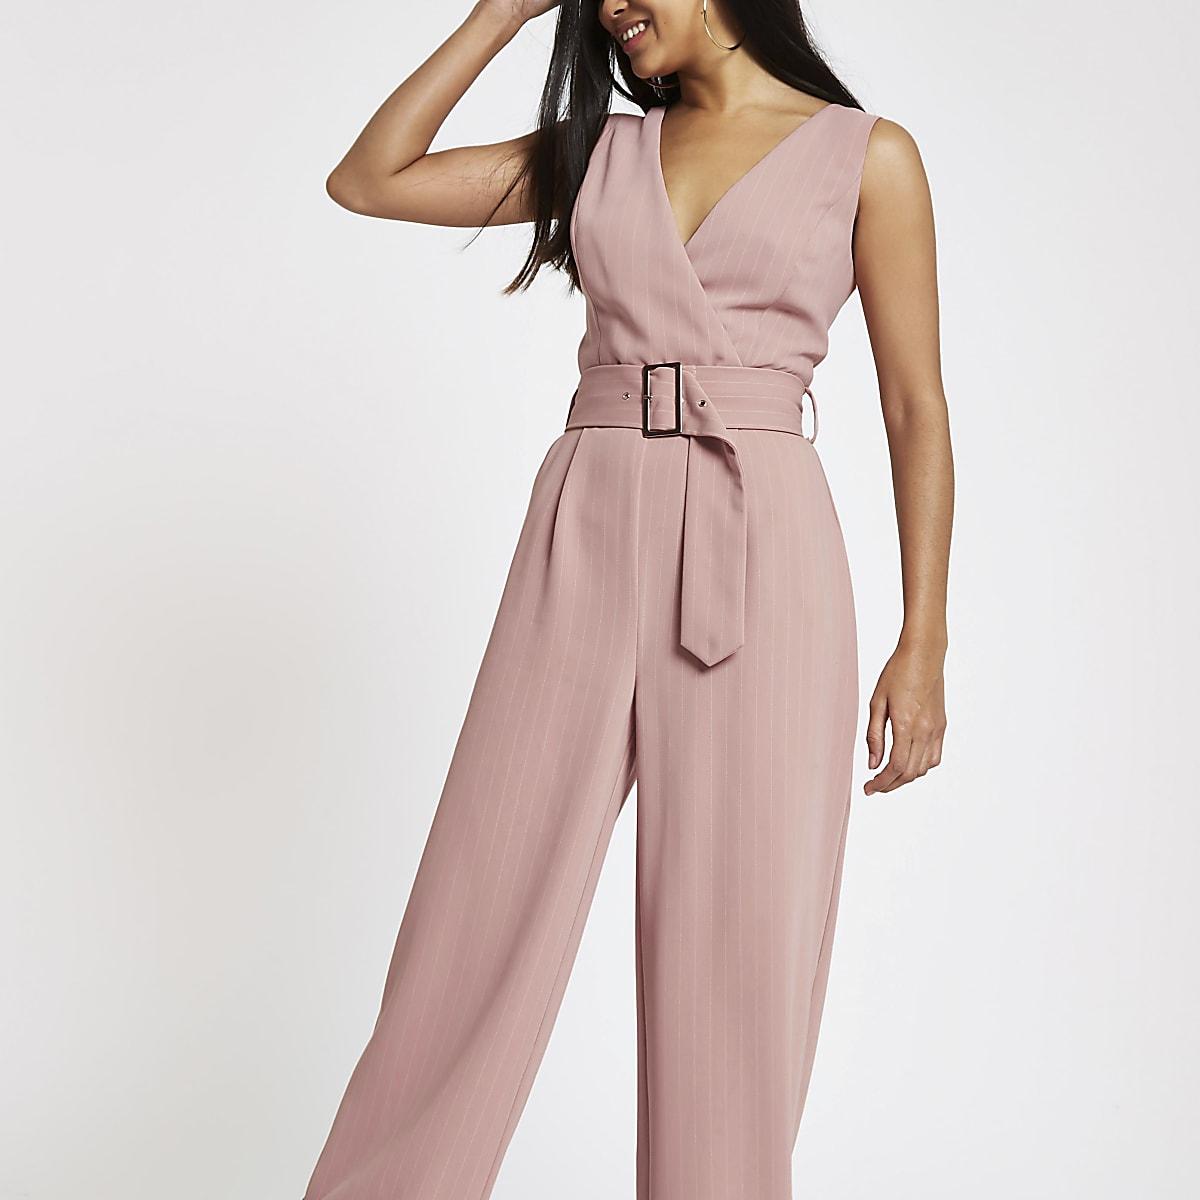 c5d345e59e3 Petite pink belted wide leg jumpsuit - Jumpsuits - Playsuits ...